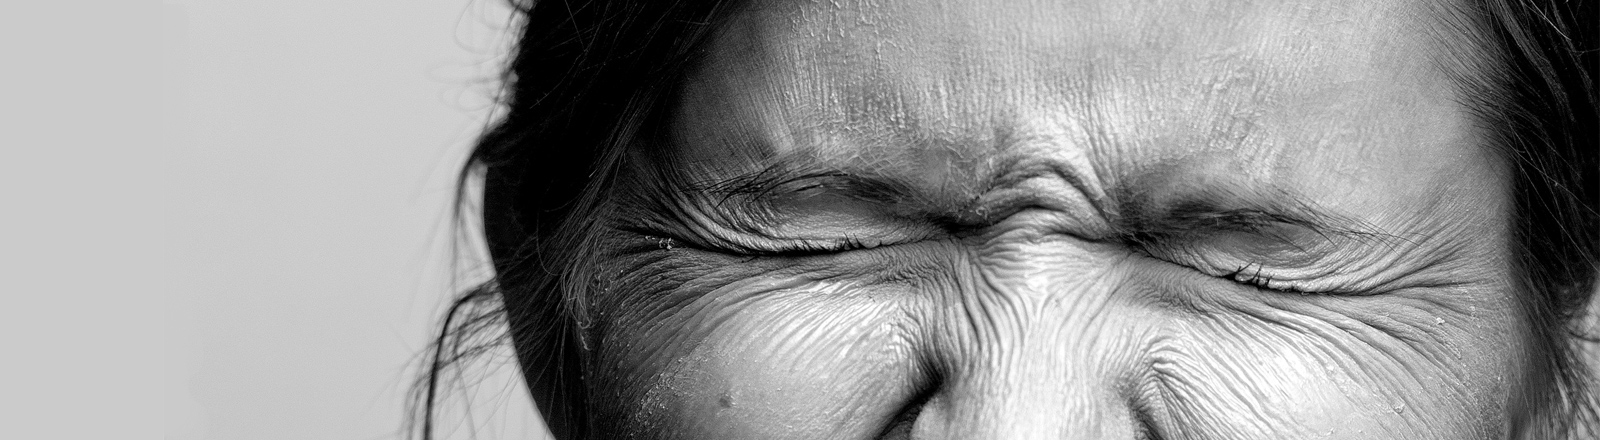 Frau kneift Augen zusammen